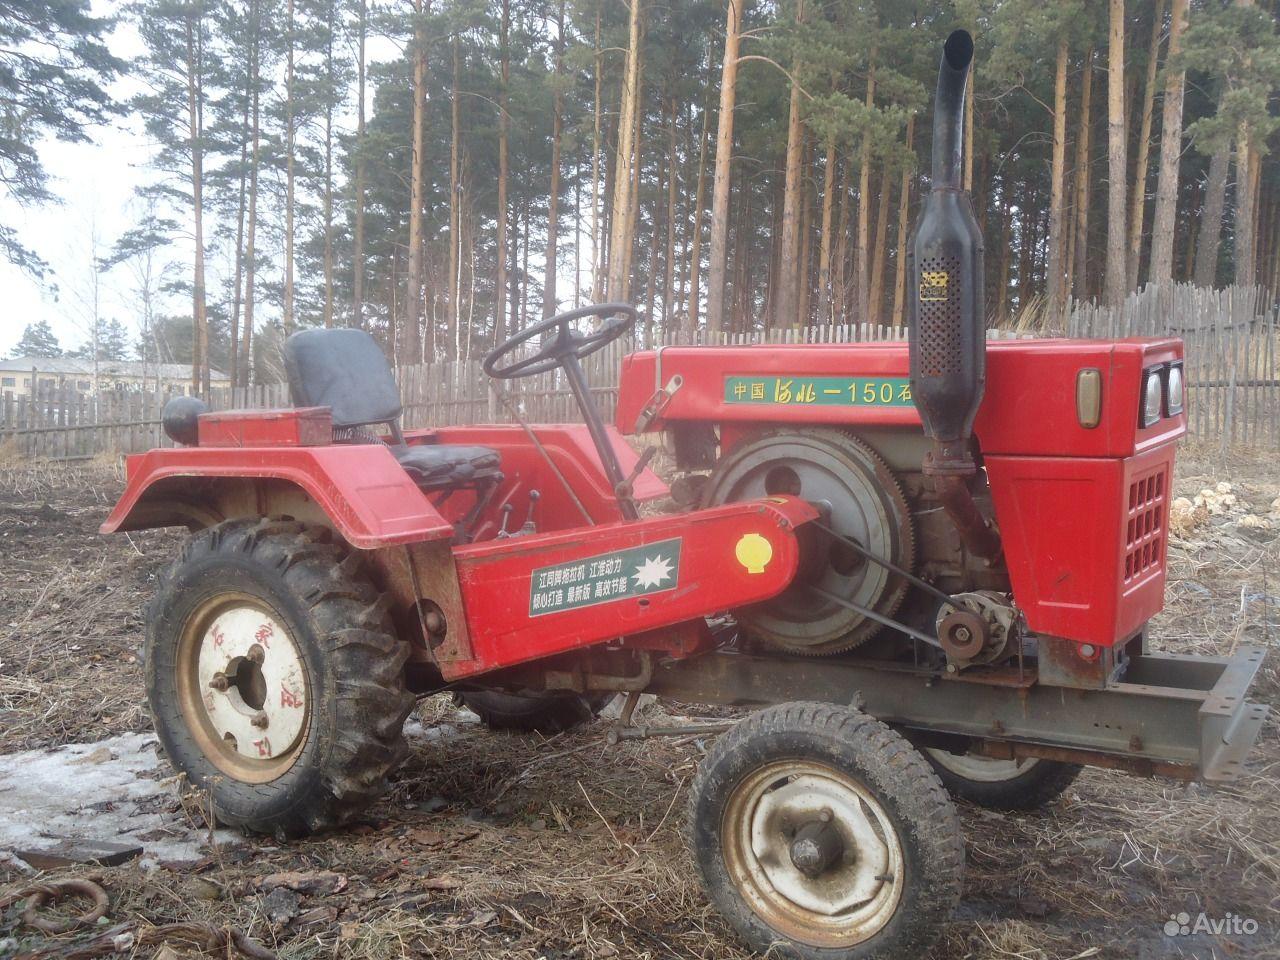 Трактора БУ   Купить Б/У трактор -  Спецтехника  - стр. 3